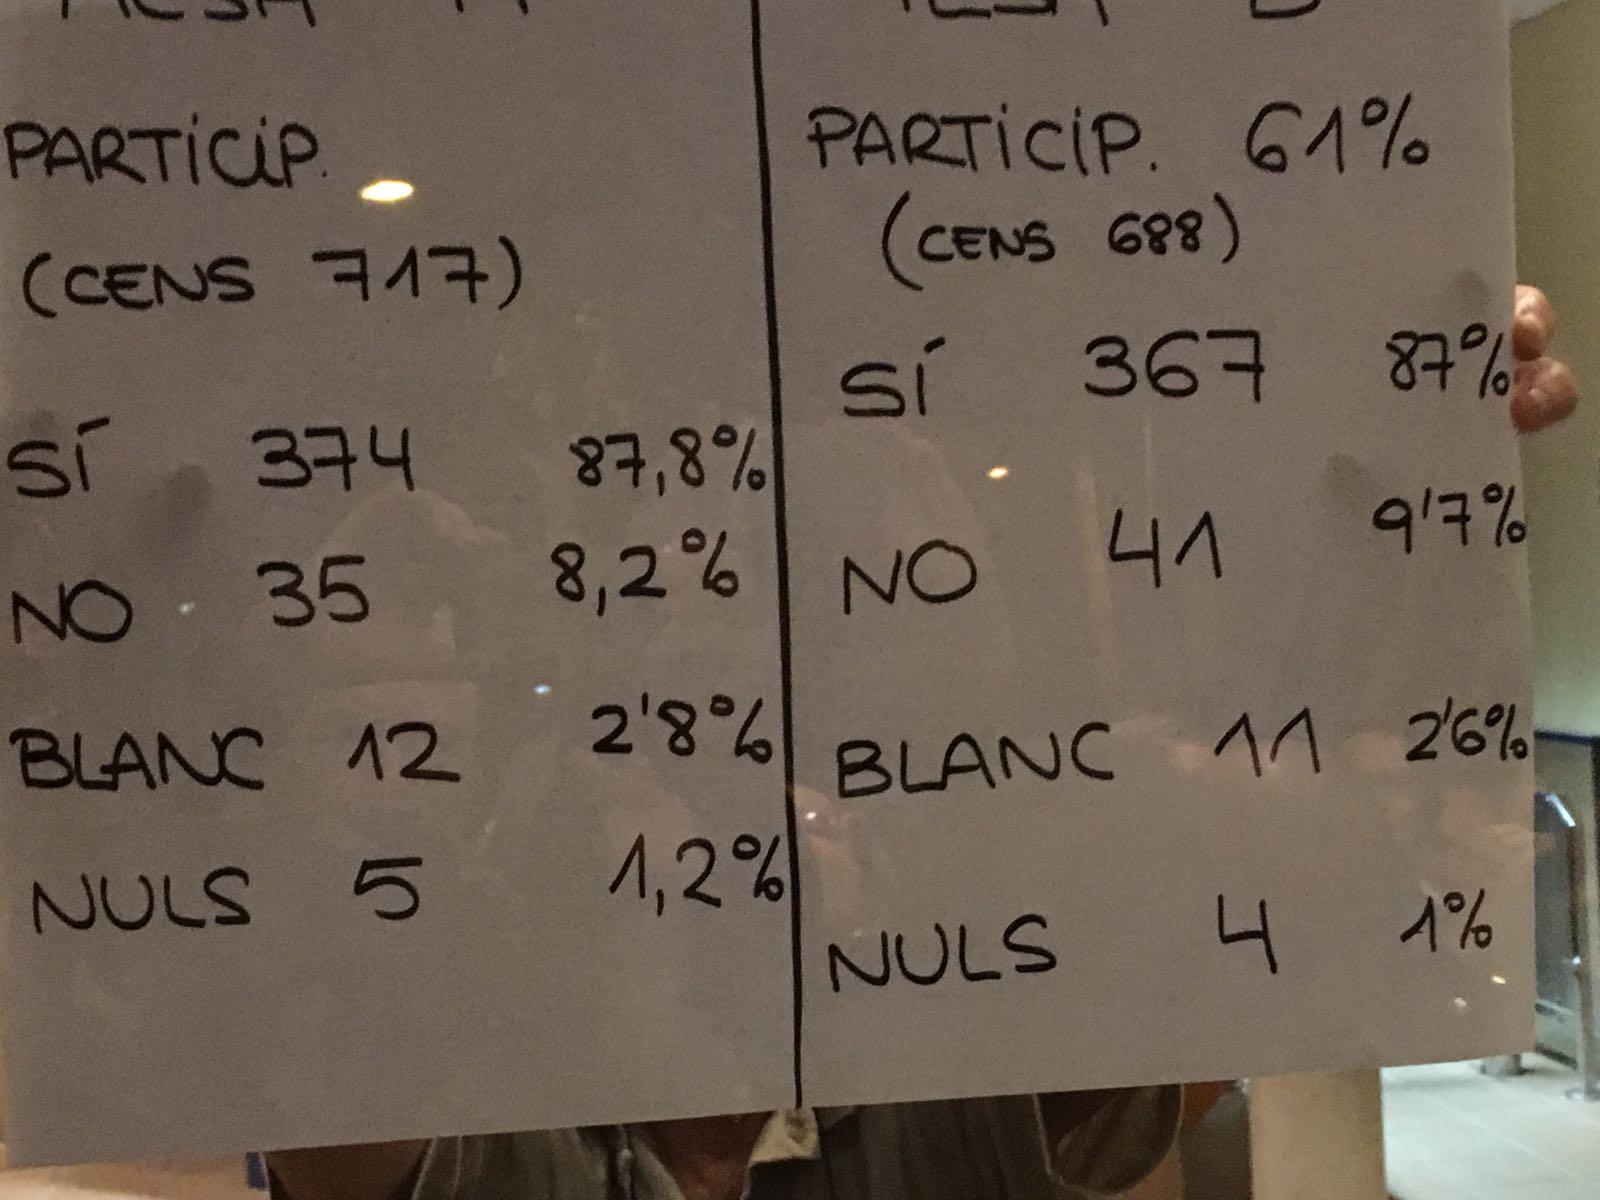 Resultats de la votació. Foto: cedida